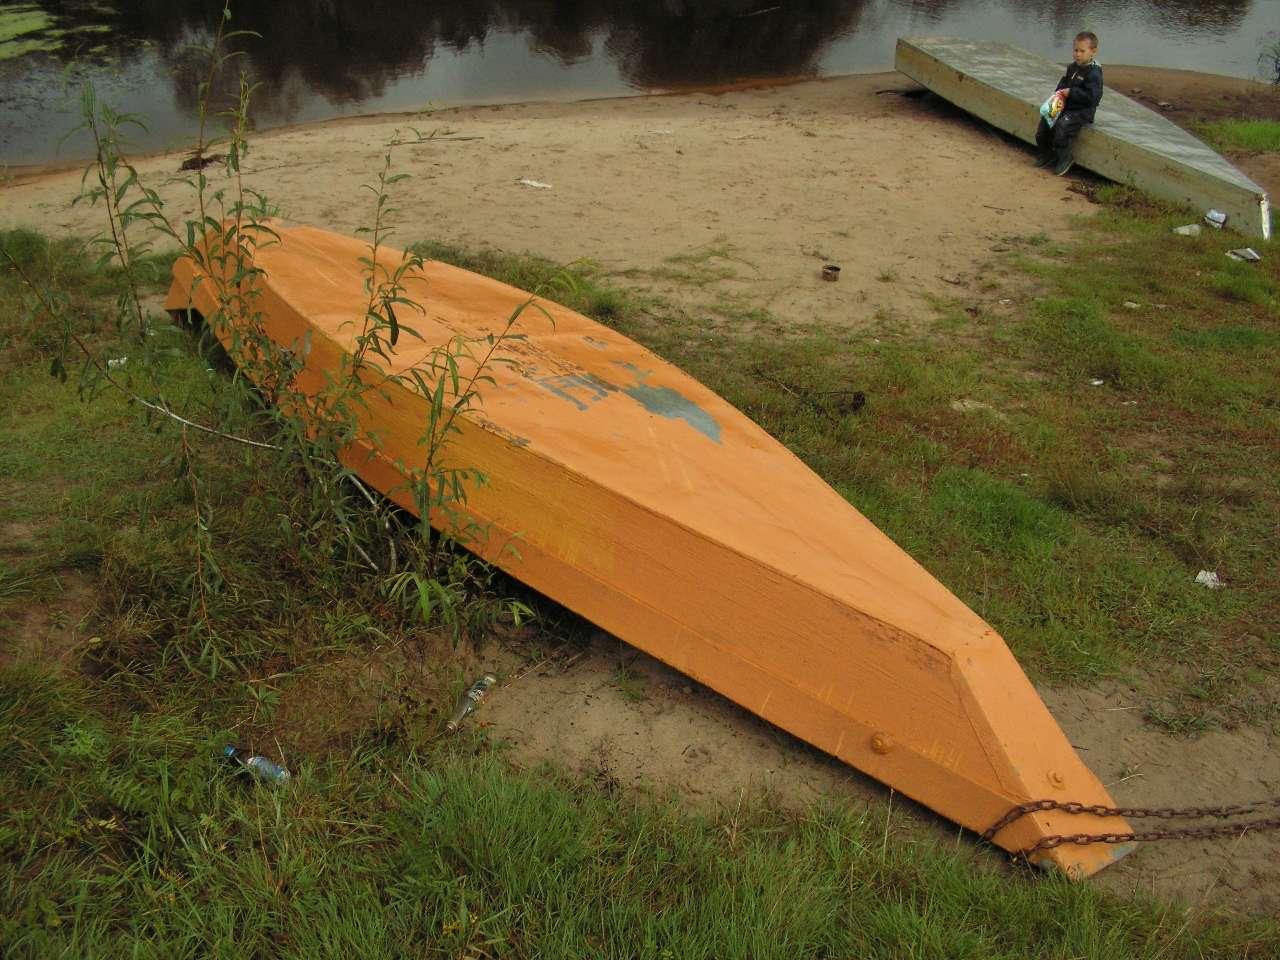 построенный небольшой деревянной лодке